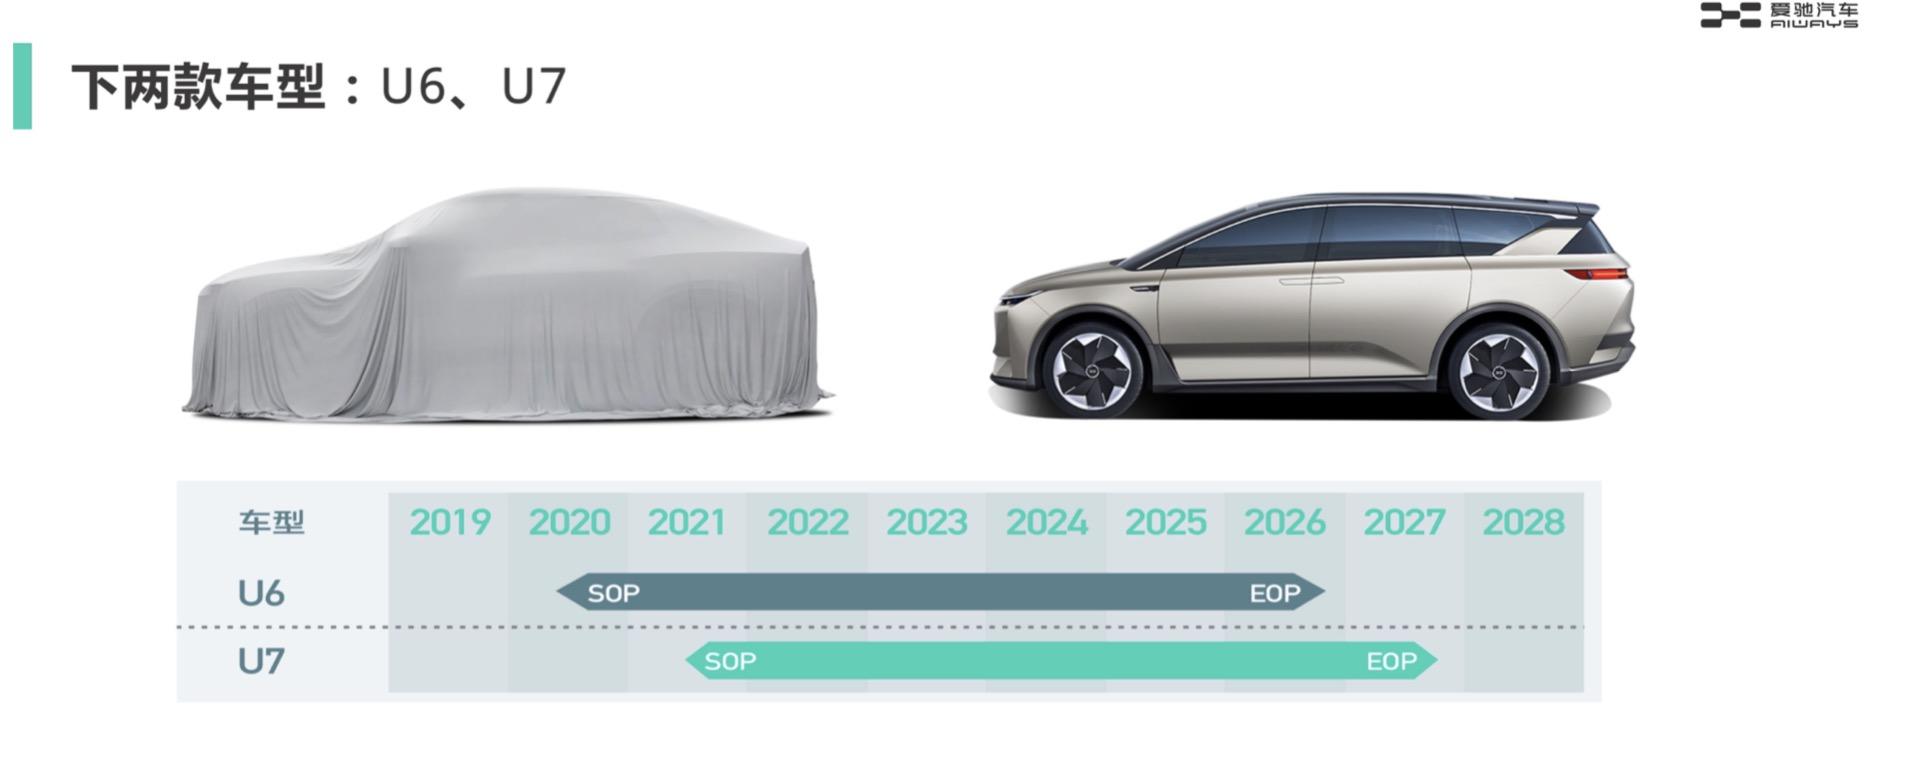 爱驰公布未来新车计划 U6将于2020年北京车展发布(第1页) -